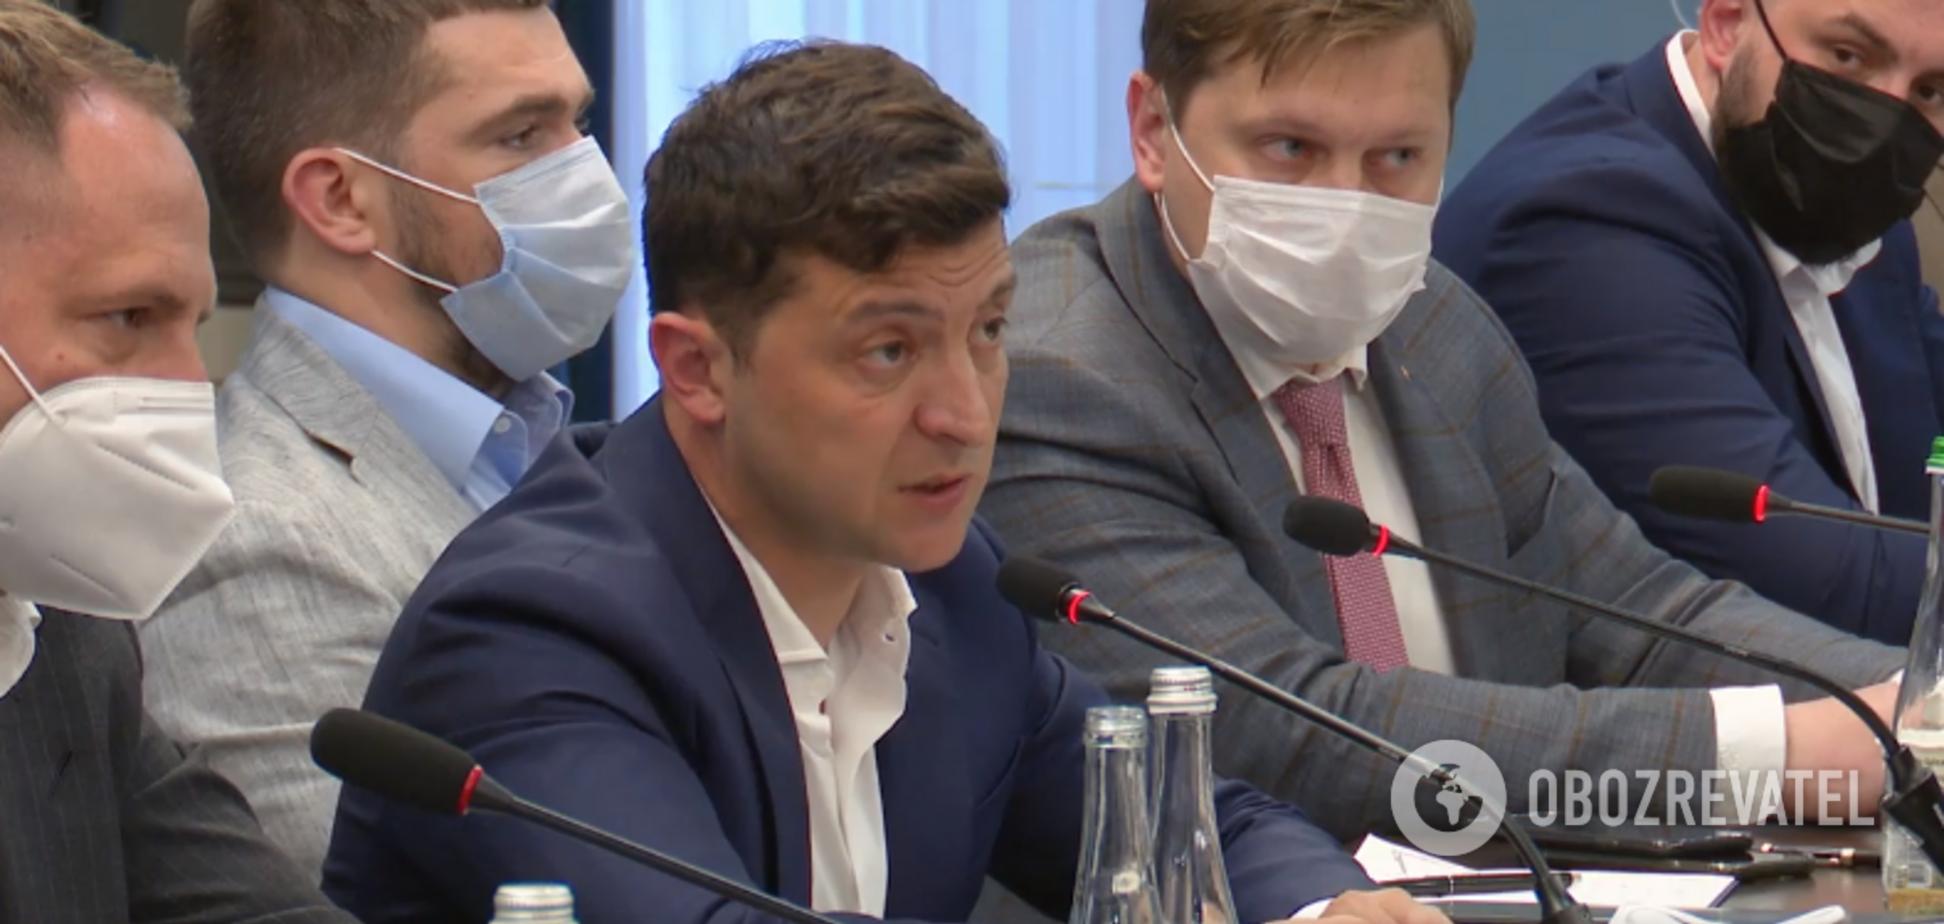 Зеленский выпустил новый ролик после поездки на Черниговщину